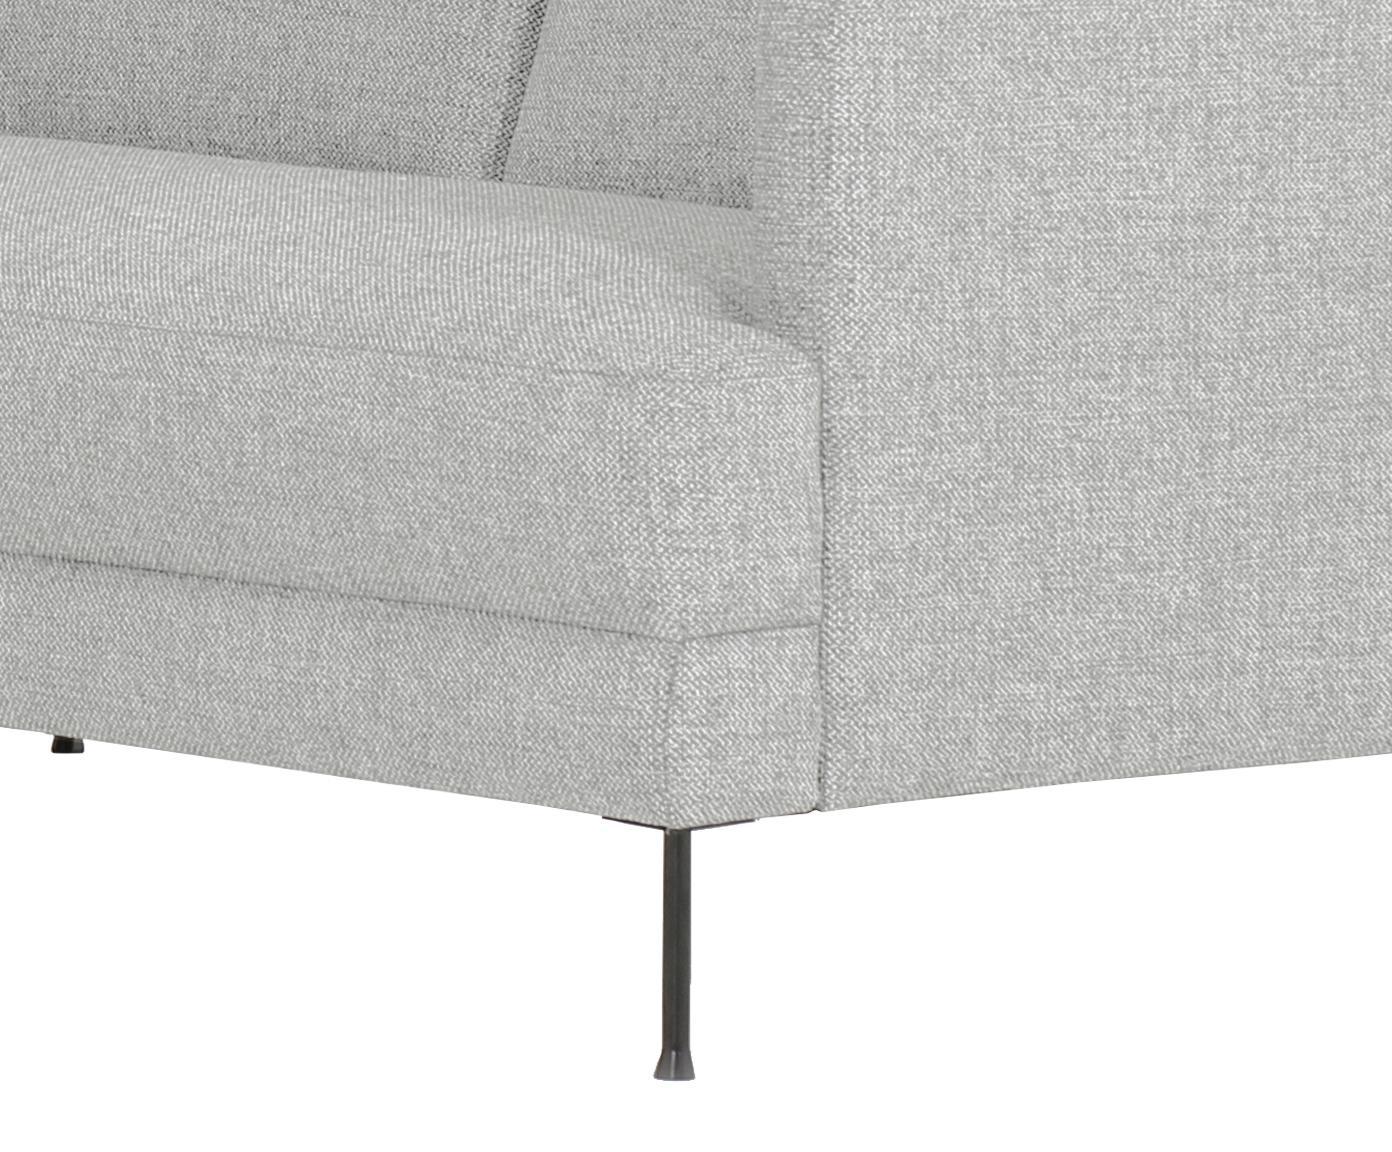 Sofa narożna Fluente, Tapicerka: poliester Tkanina o odpor, Stelaż: drewno naturalne, Nogi: metal lakierowany, Jasny szary, S 221 x G 200 cm